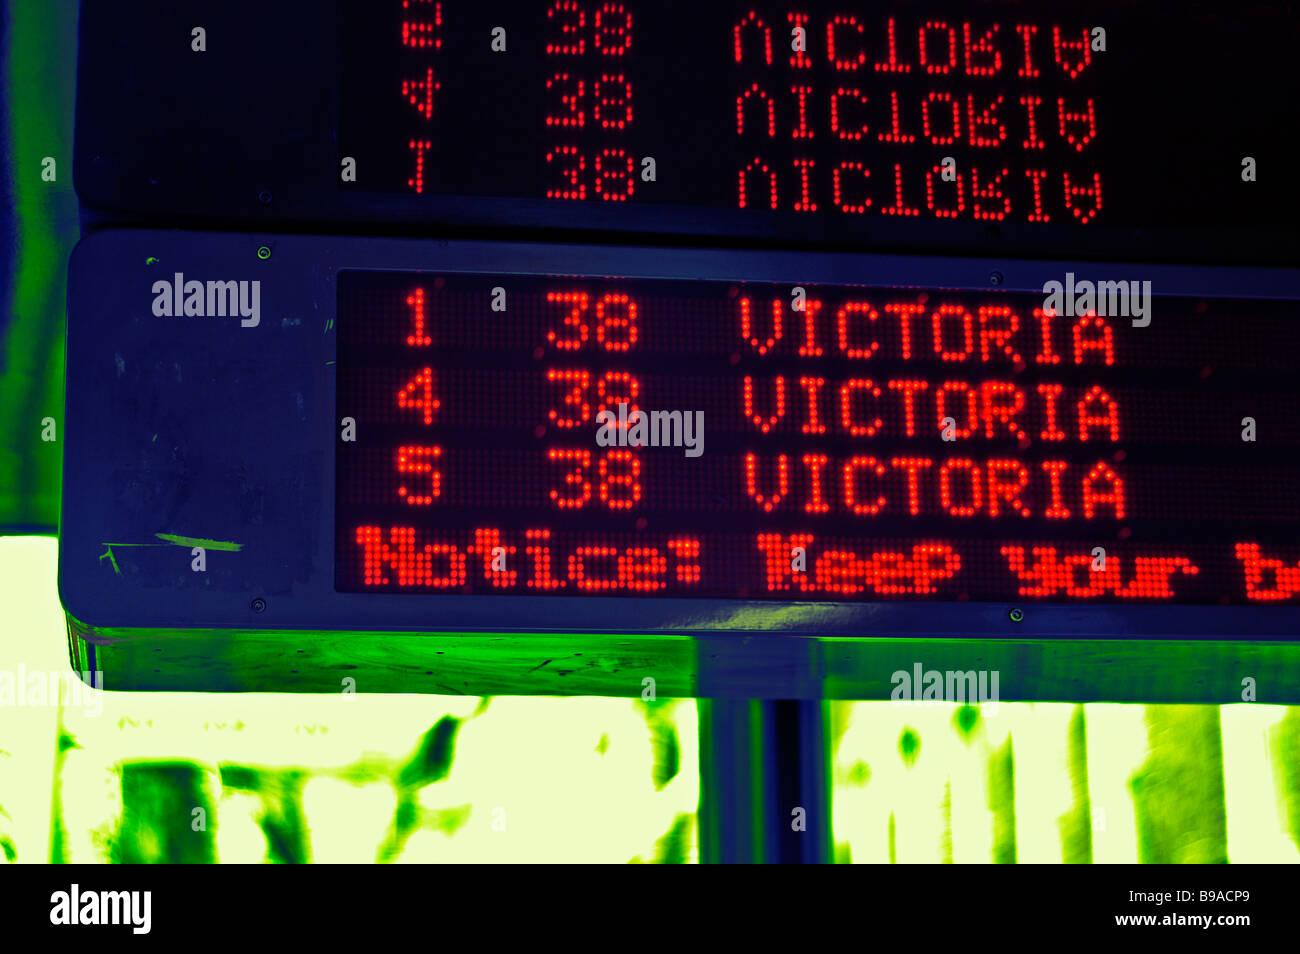 Dot Matrix Sign Stock Photos & Dot Matrix Sign Stock Images